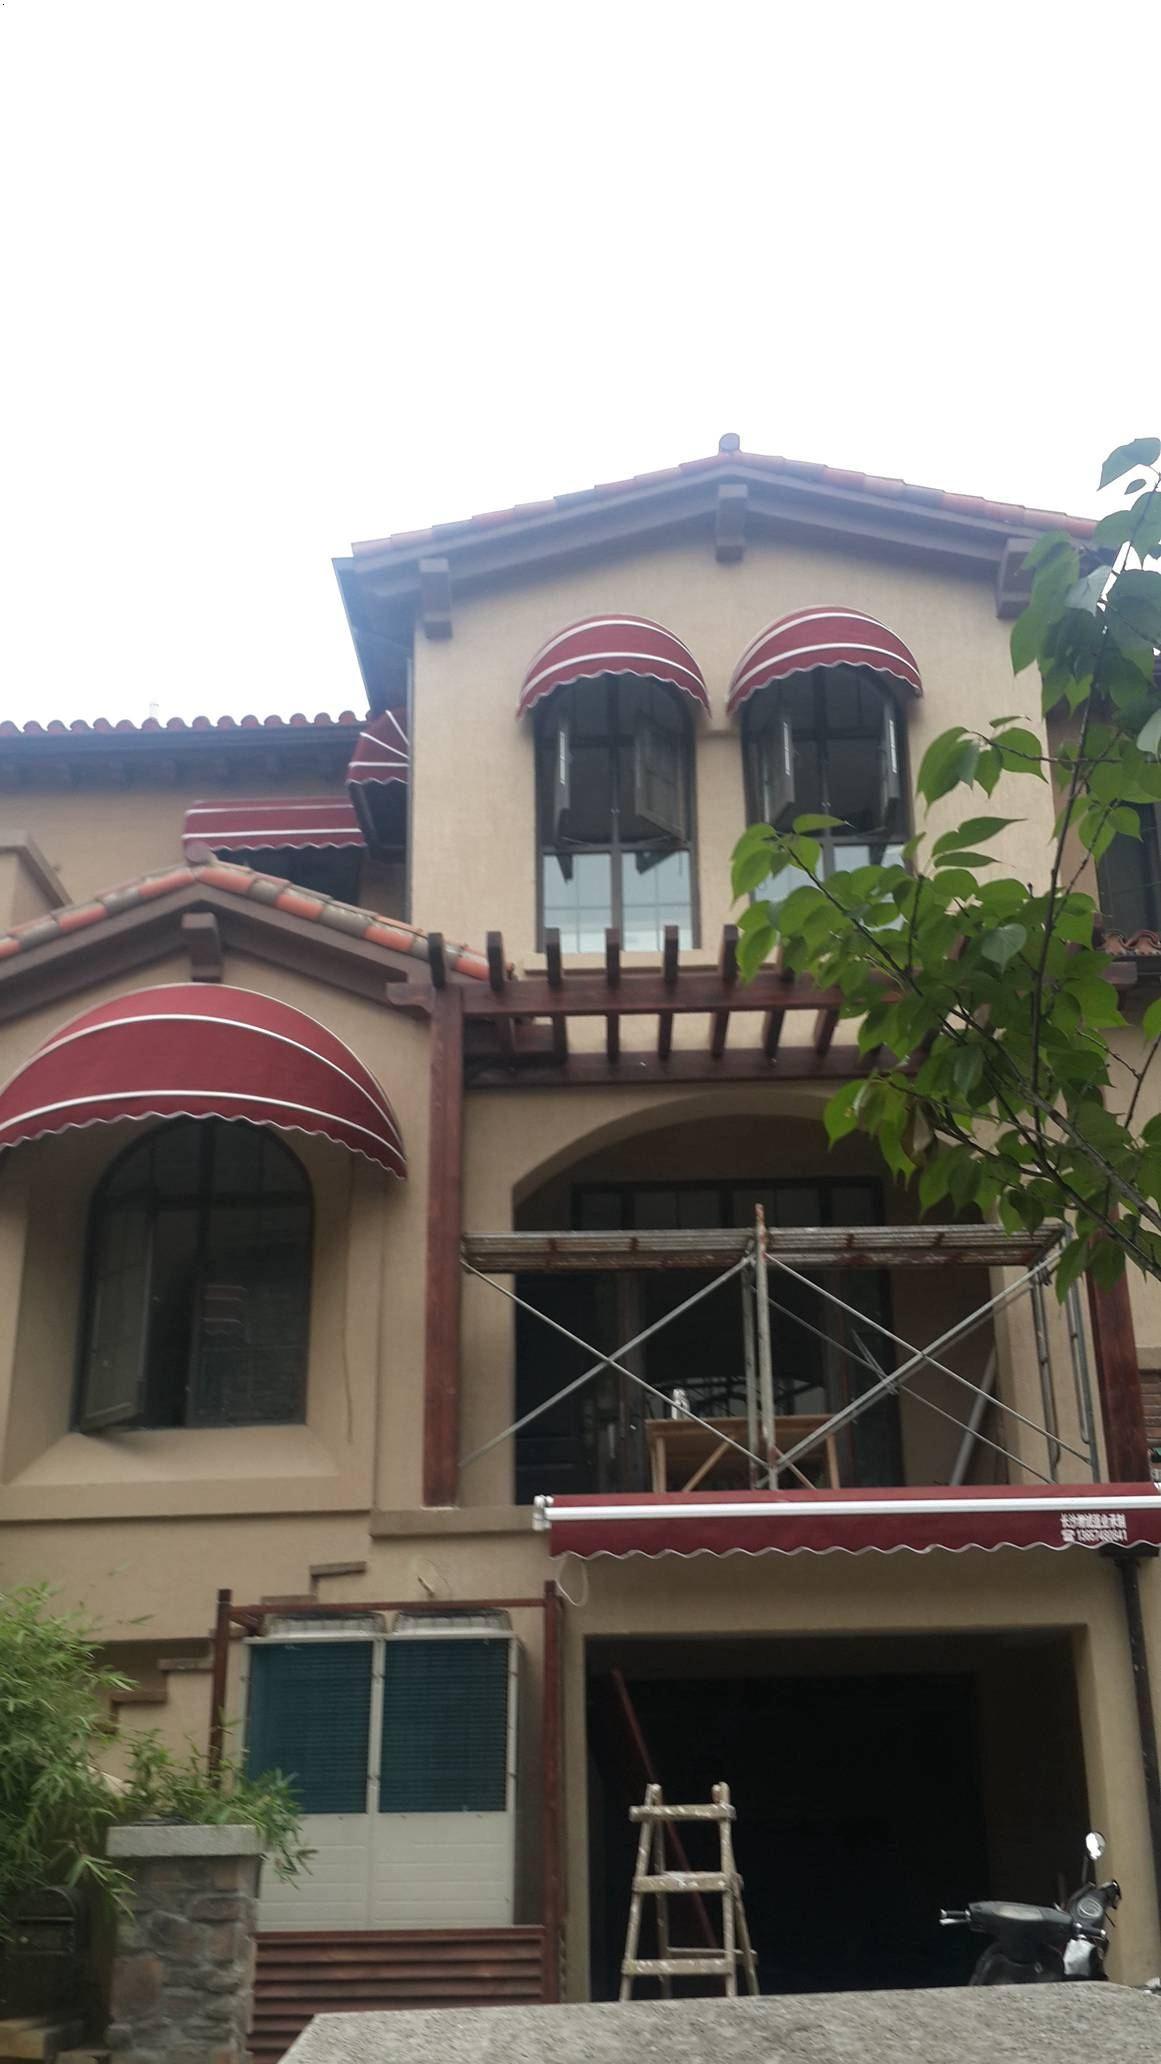 西瓜型遮阳蓬遮雨棚